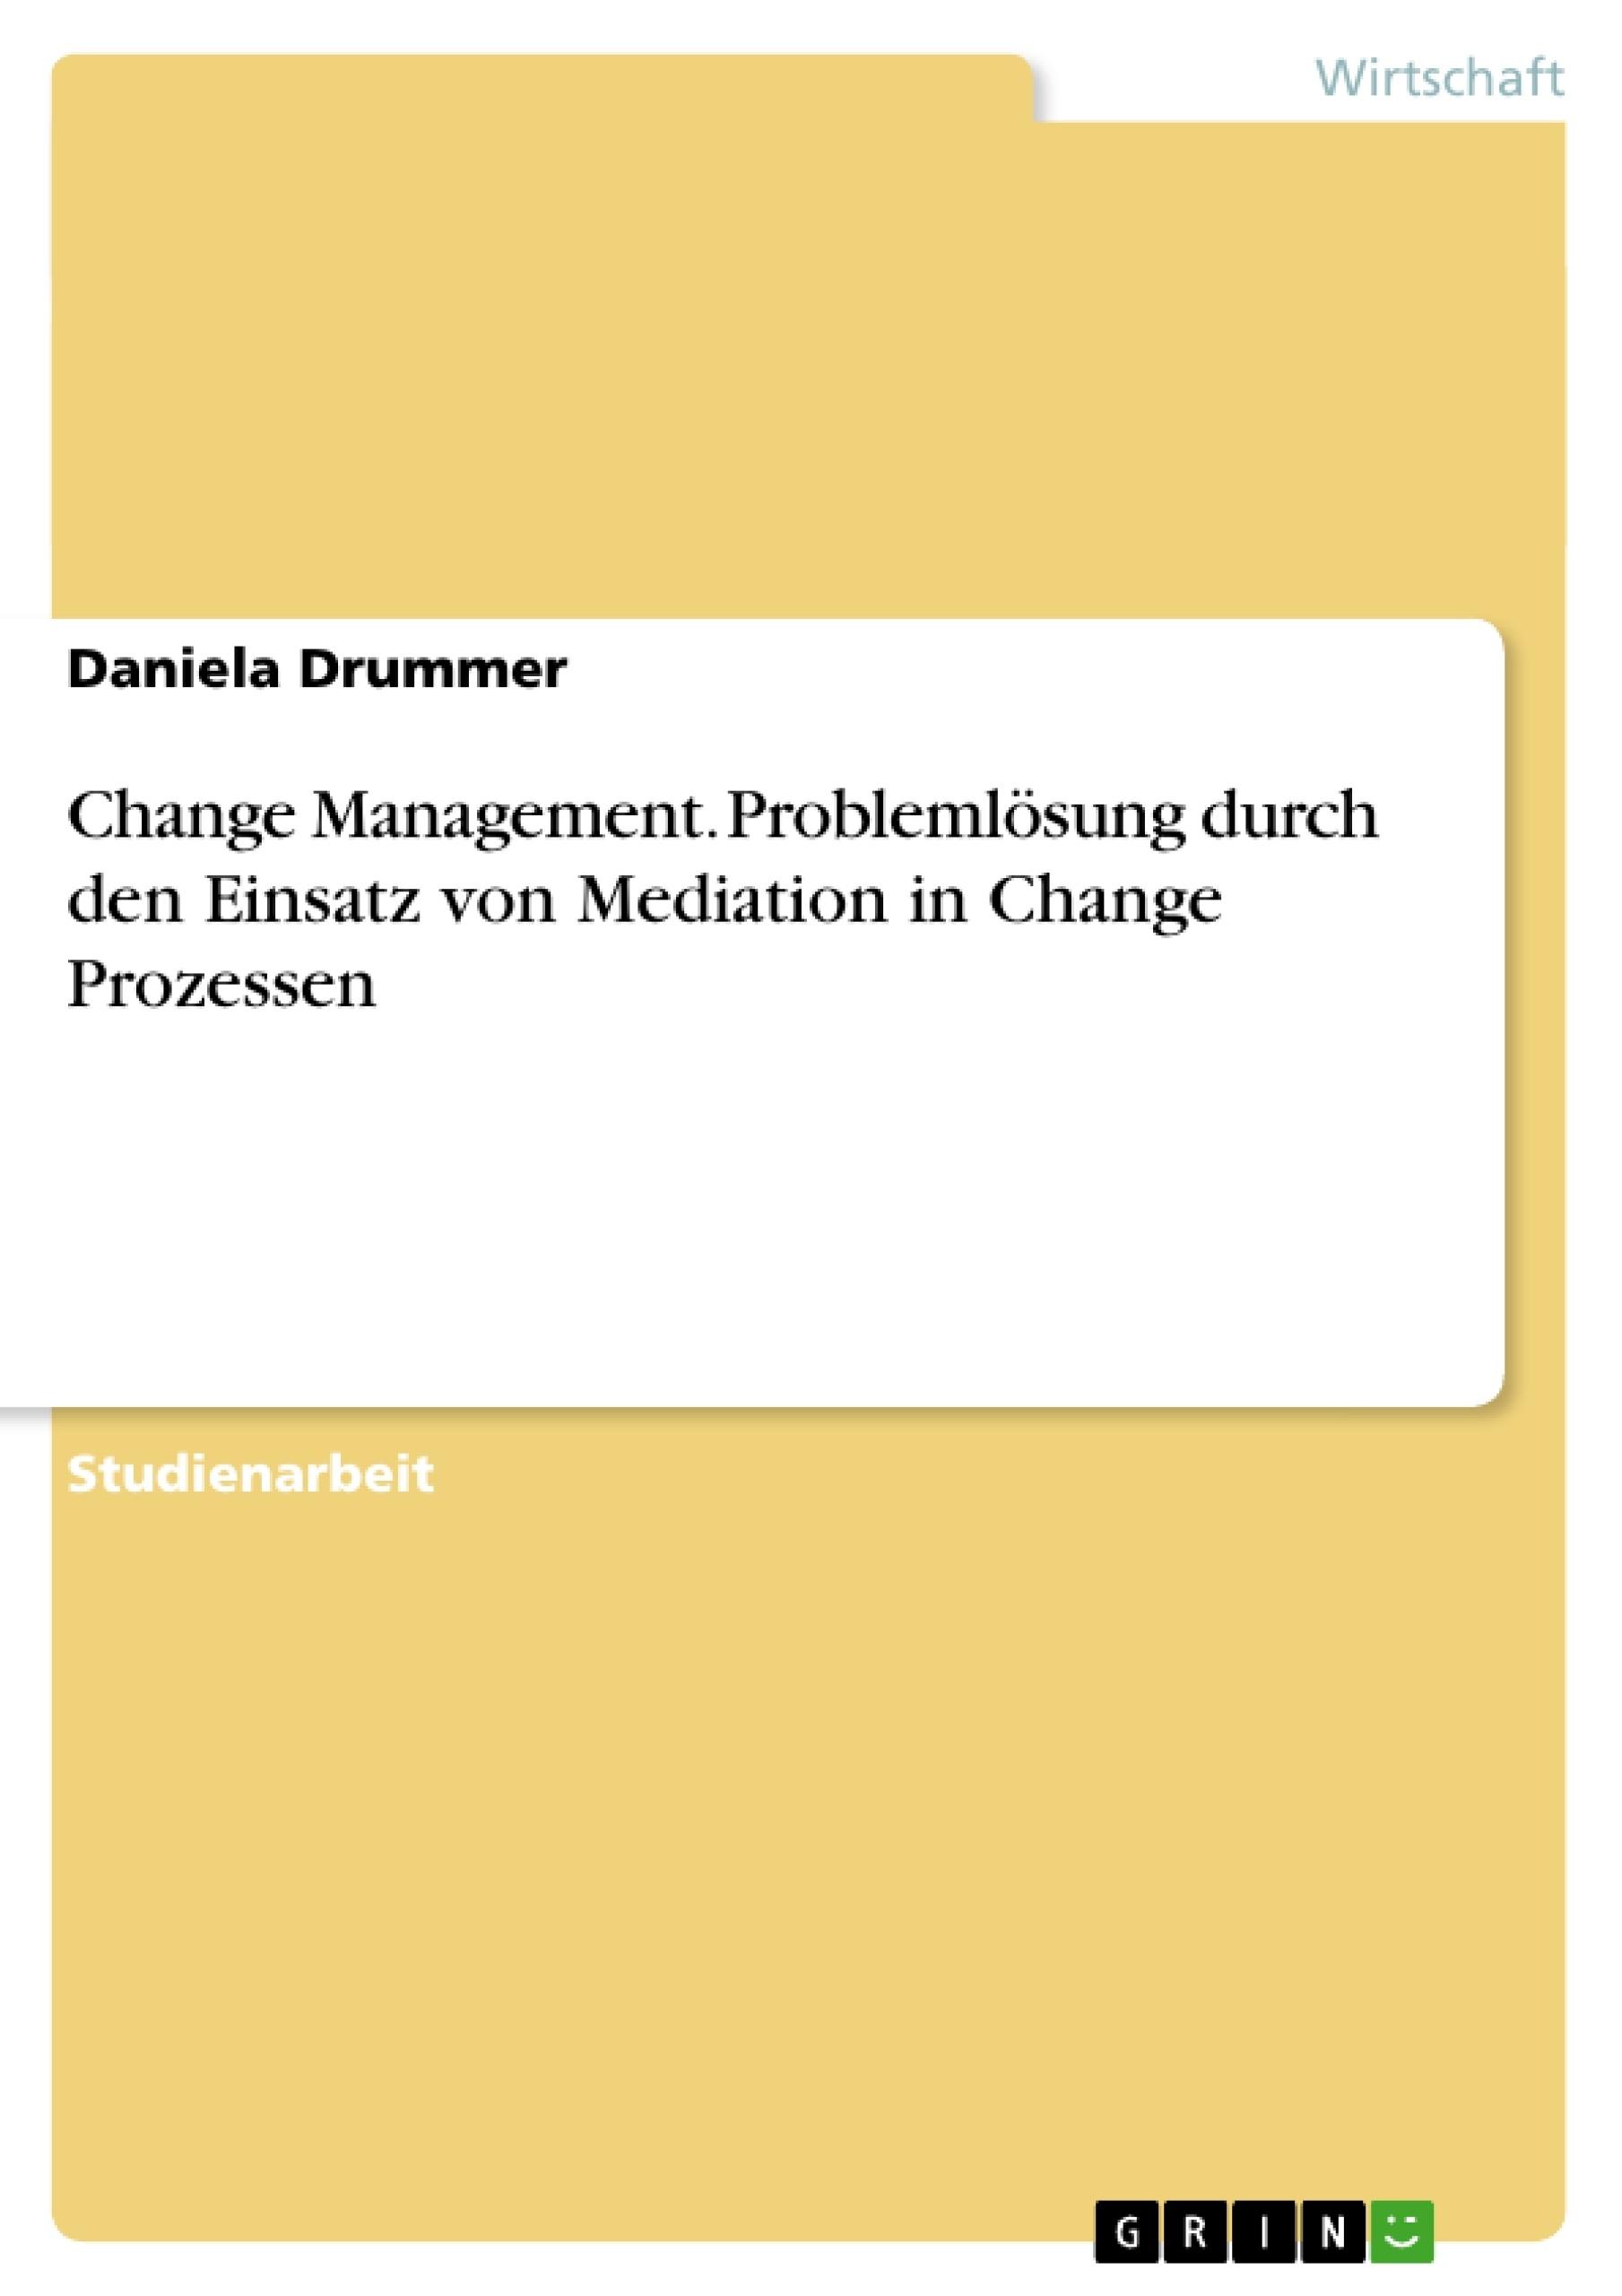 Titel: Change Management. Problemlösung durch den Einsatz von Mediation in Change Prozessen